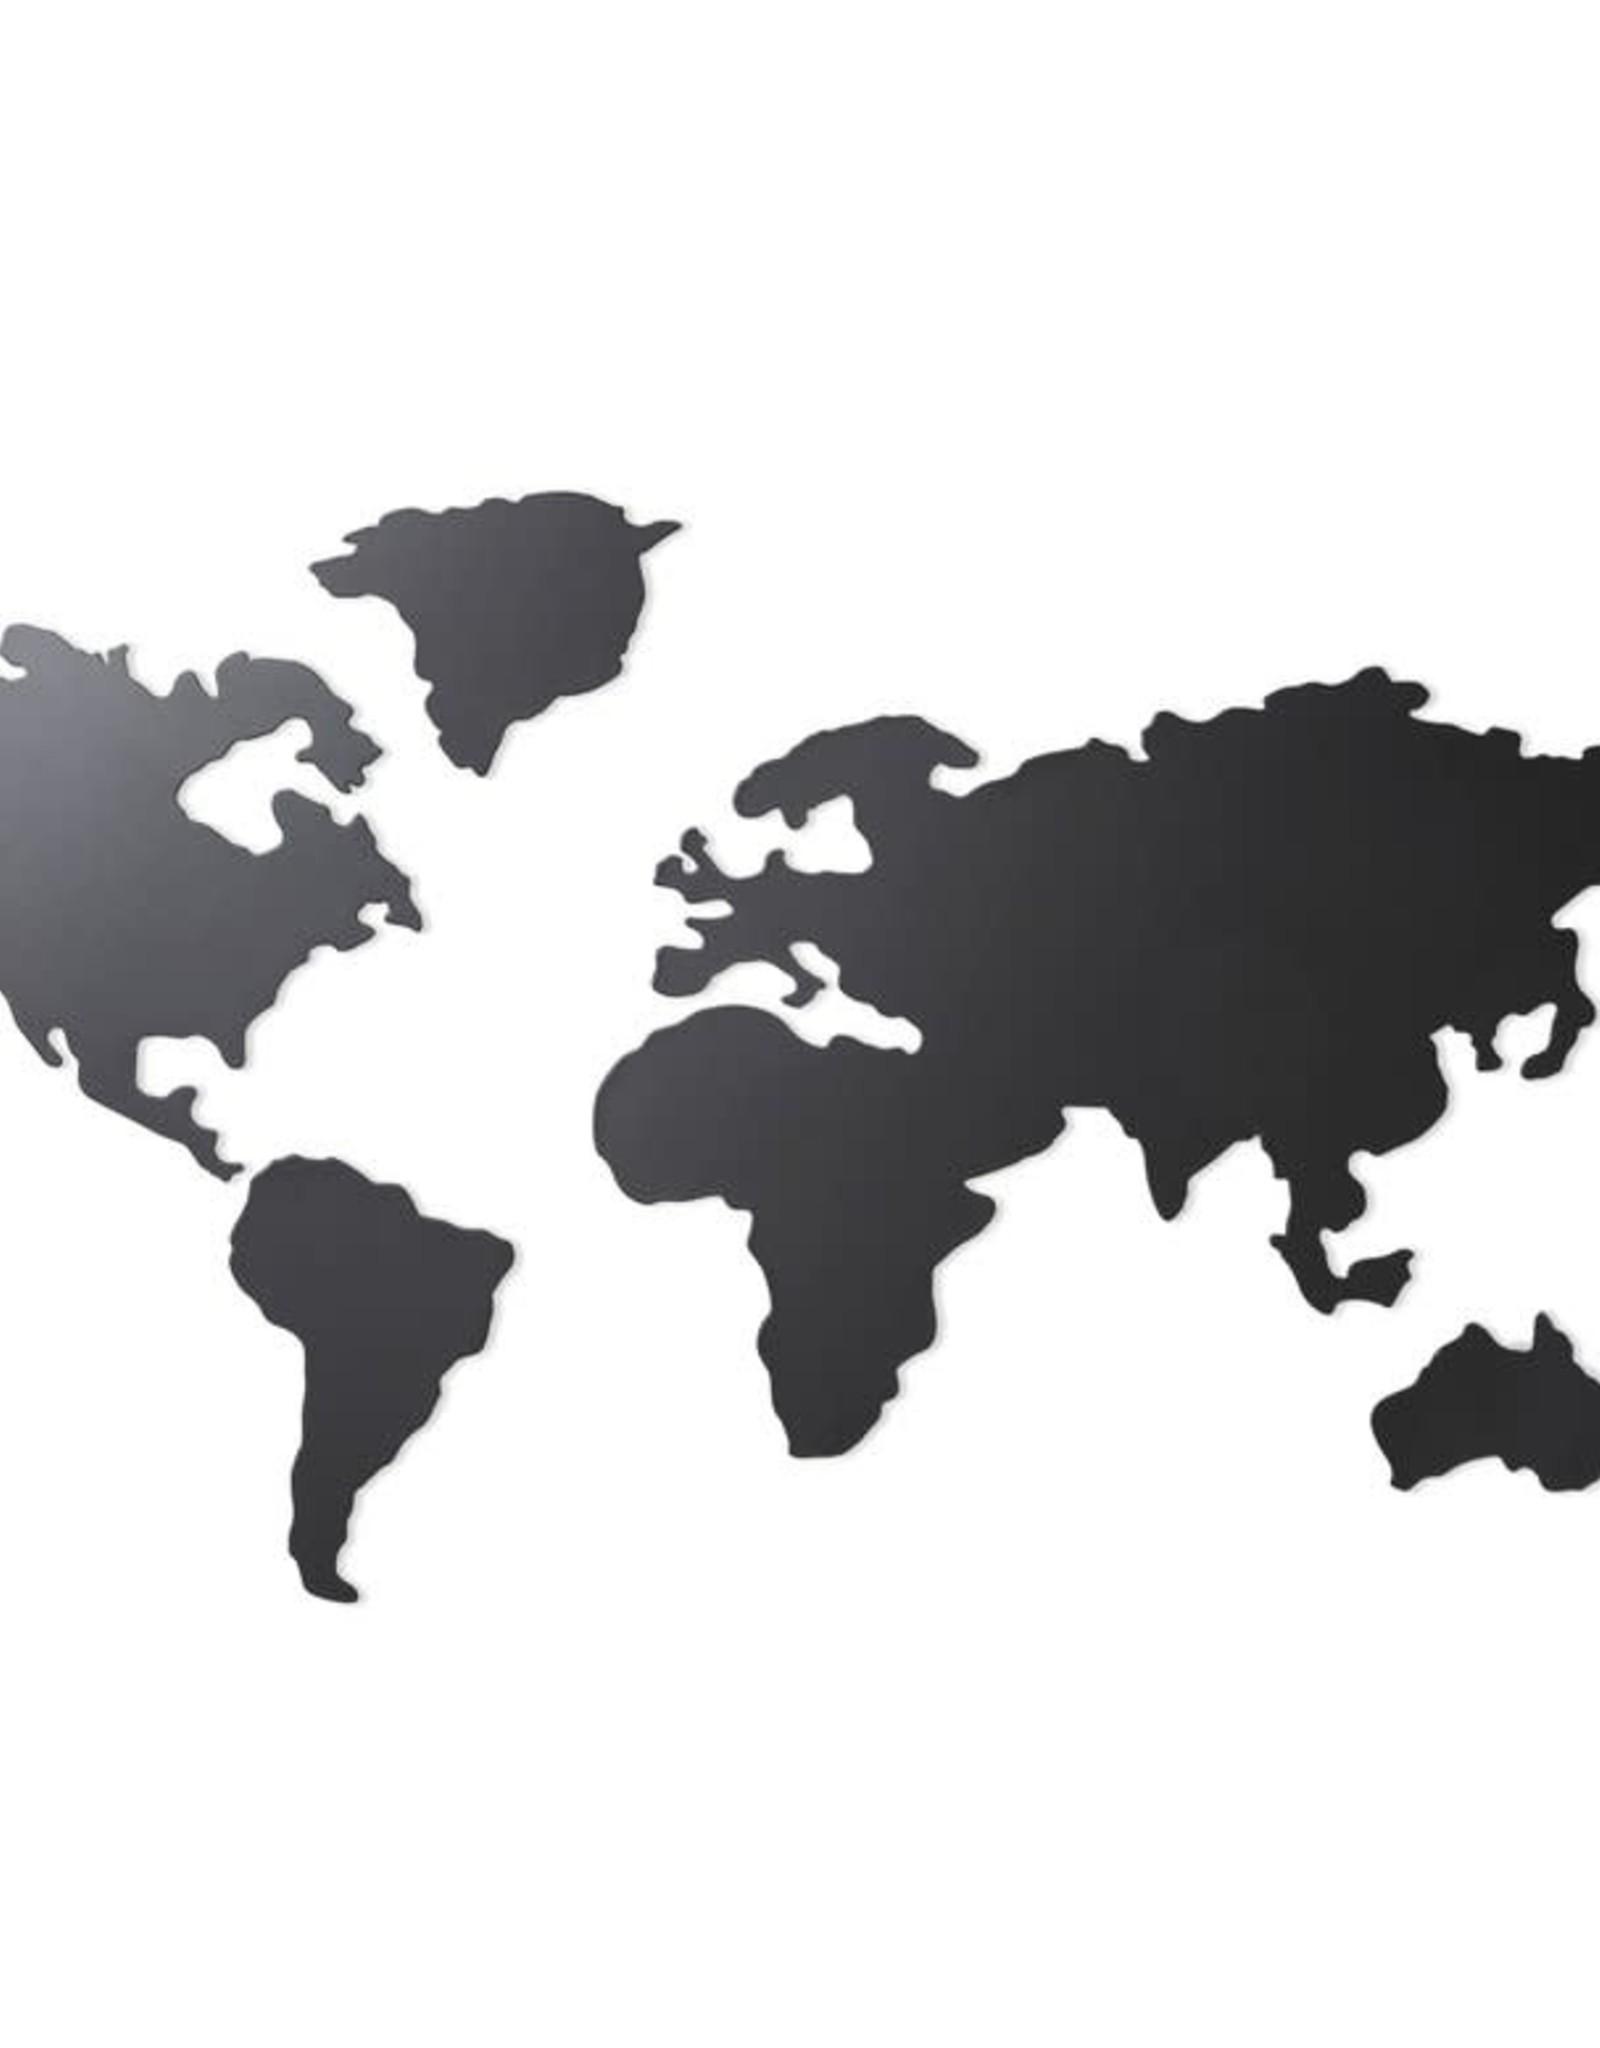 Umbra Umbra - Mappit titanium black